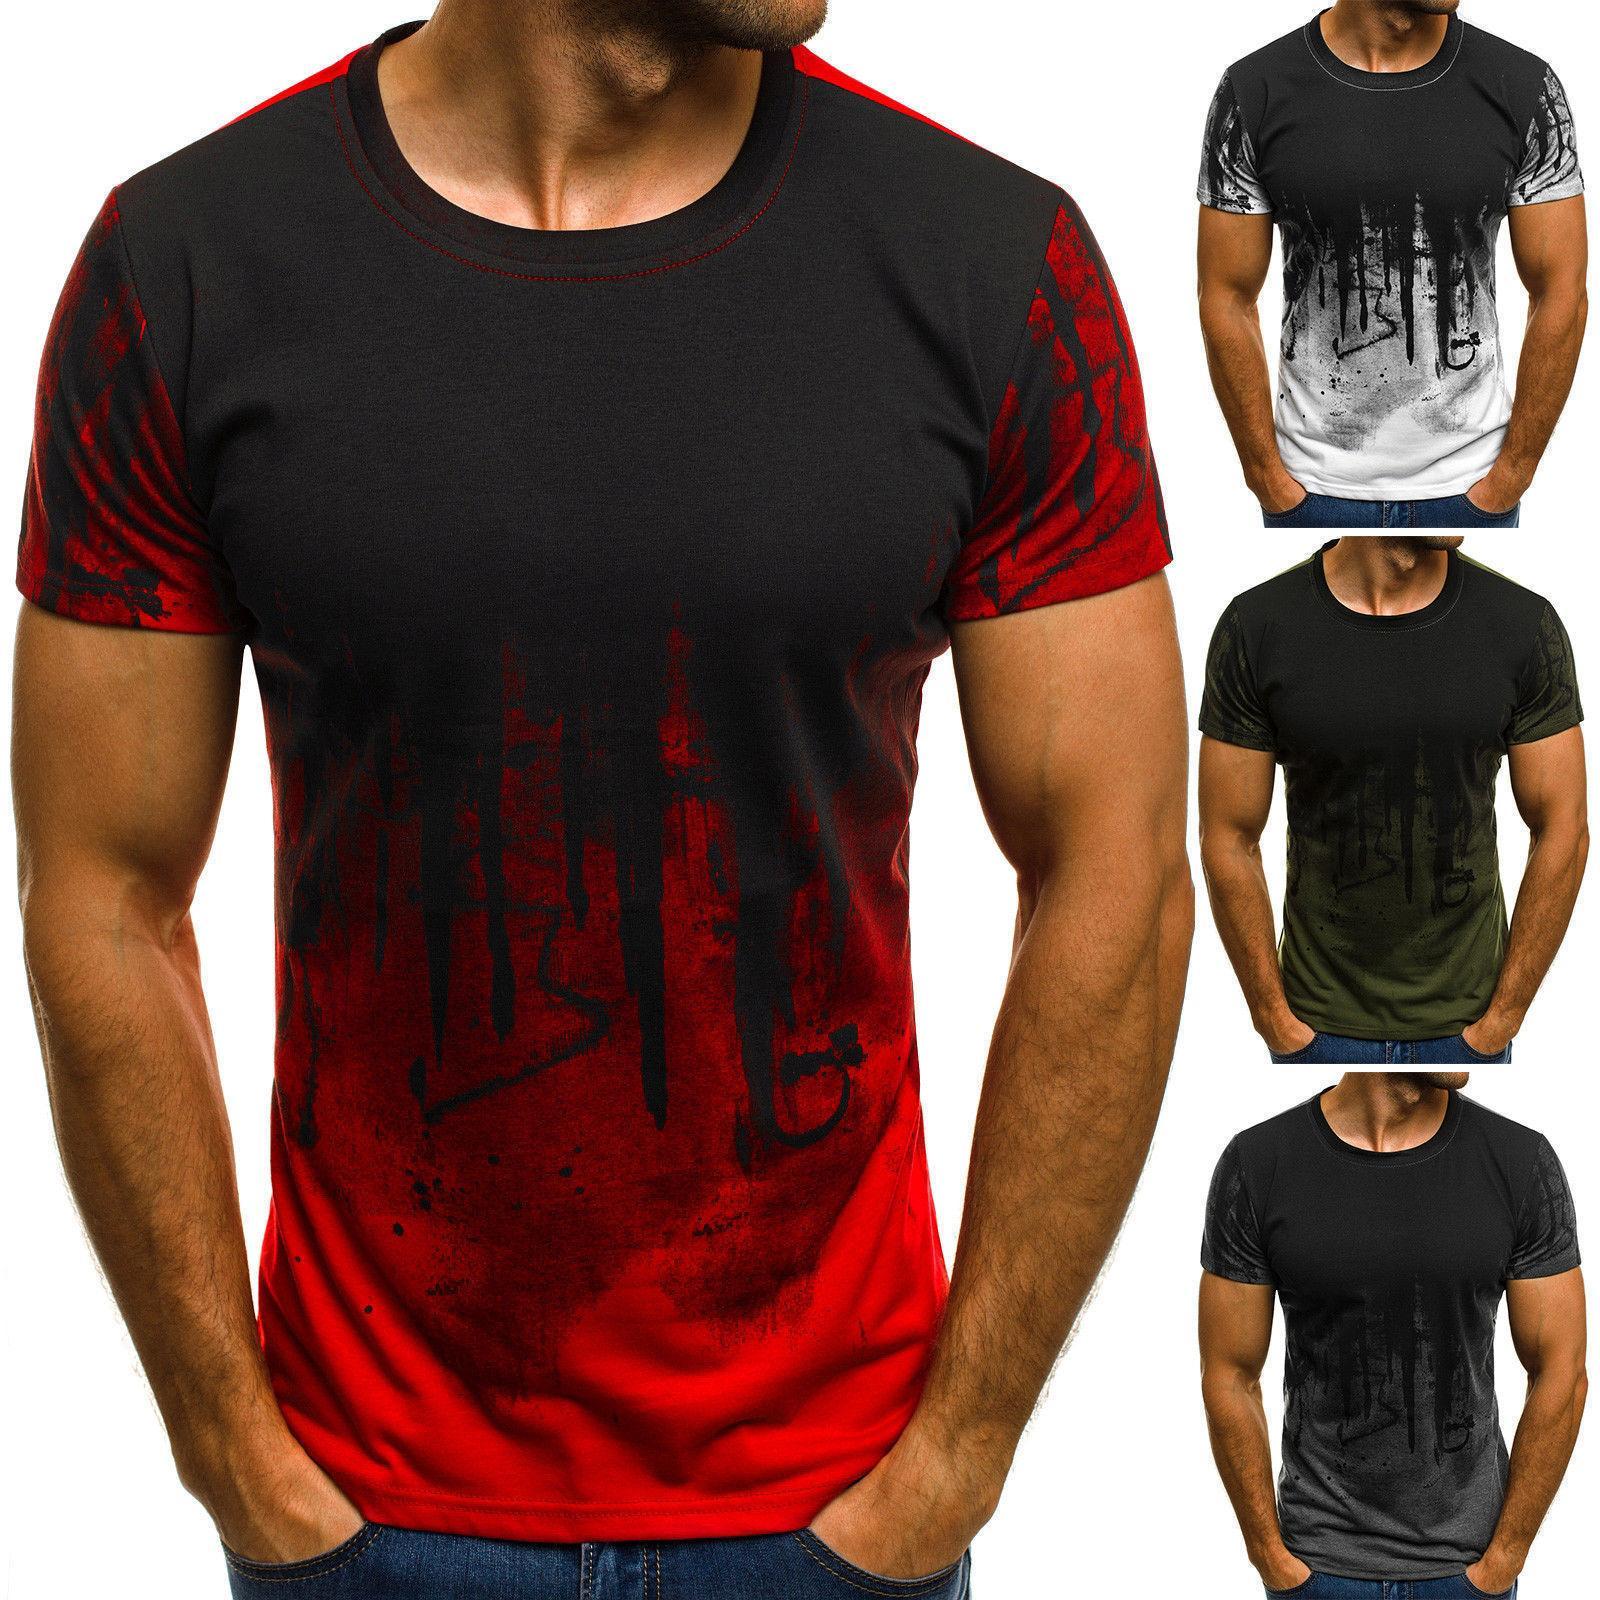 Homens Fashion Designer T Shirt Chegada Nova Mens impresso camisetas Verão Casual Tees respirável roupa 4 cores tamanho S-5XL